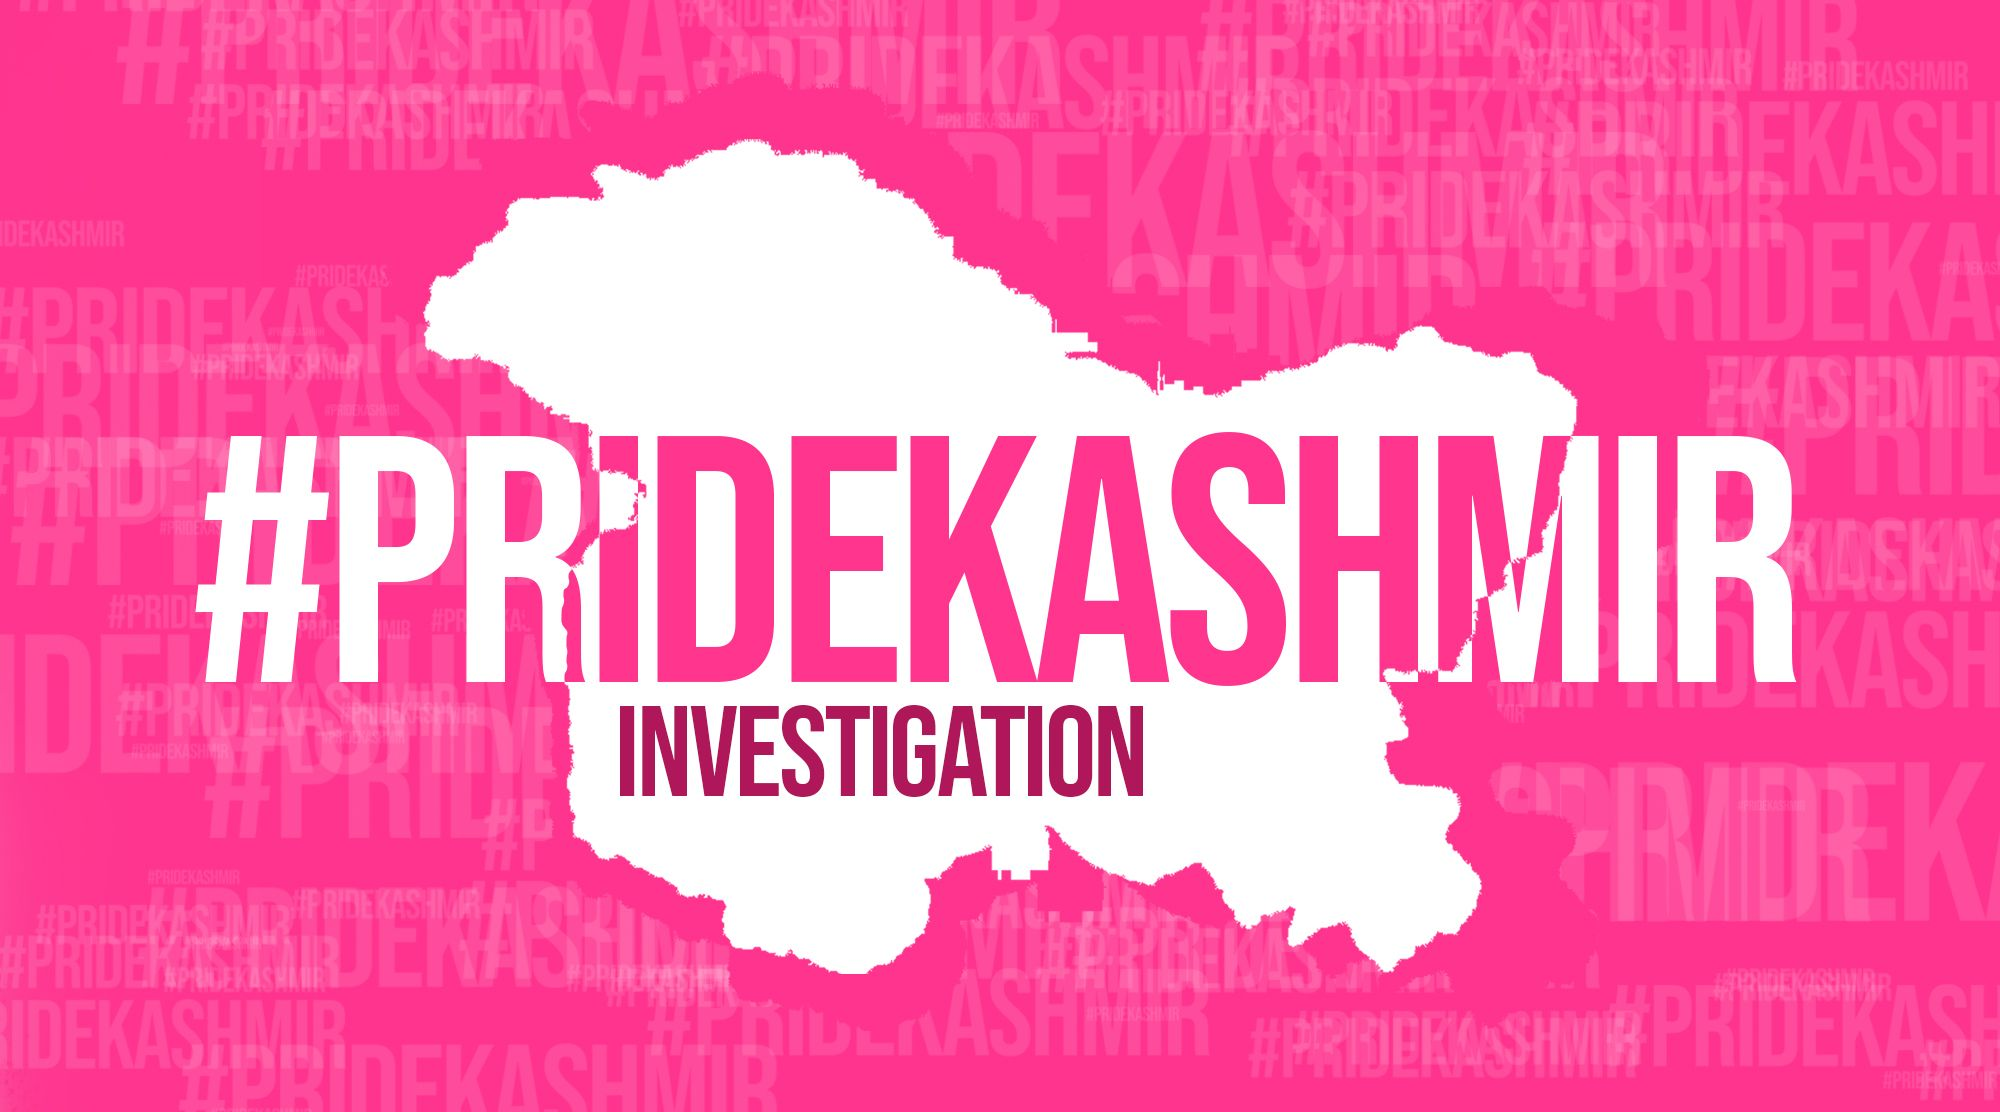 Part II: Pride, Prejudice and Pink-washing: Tracking #pridekashmir